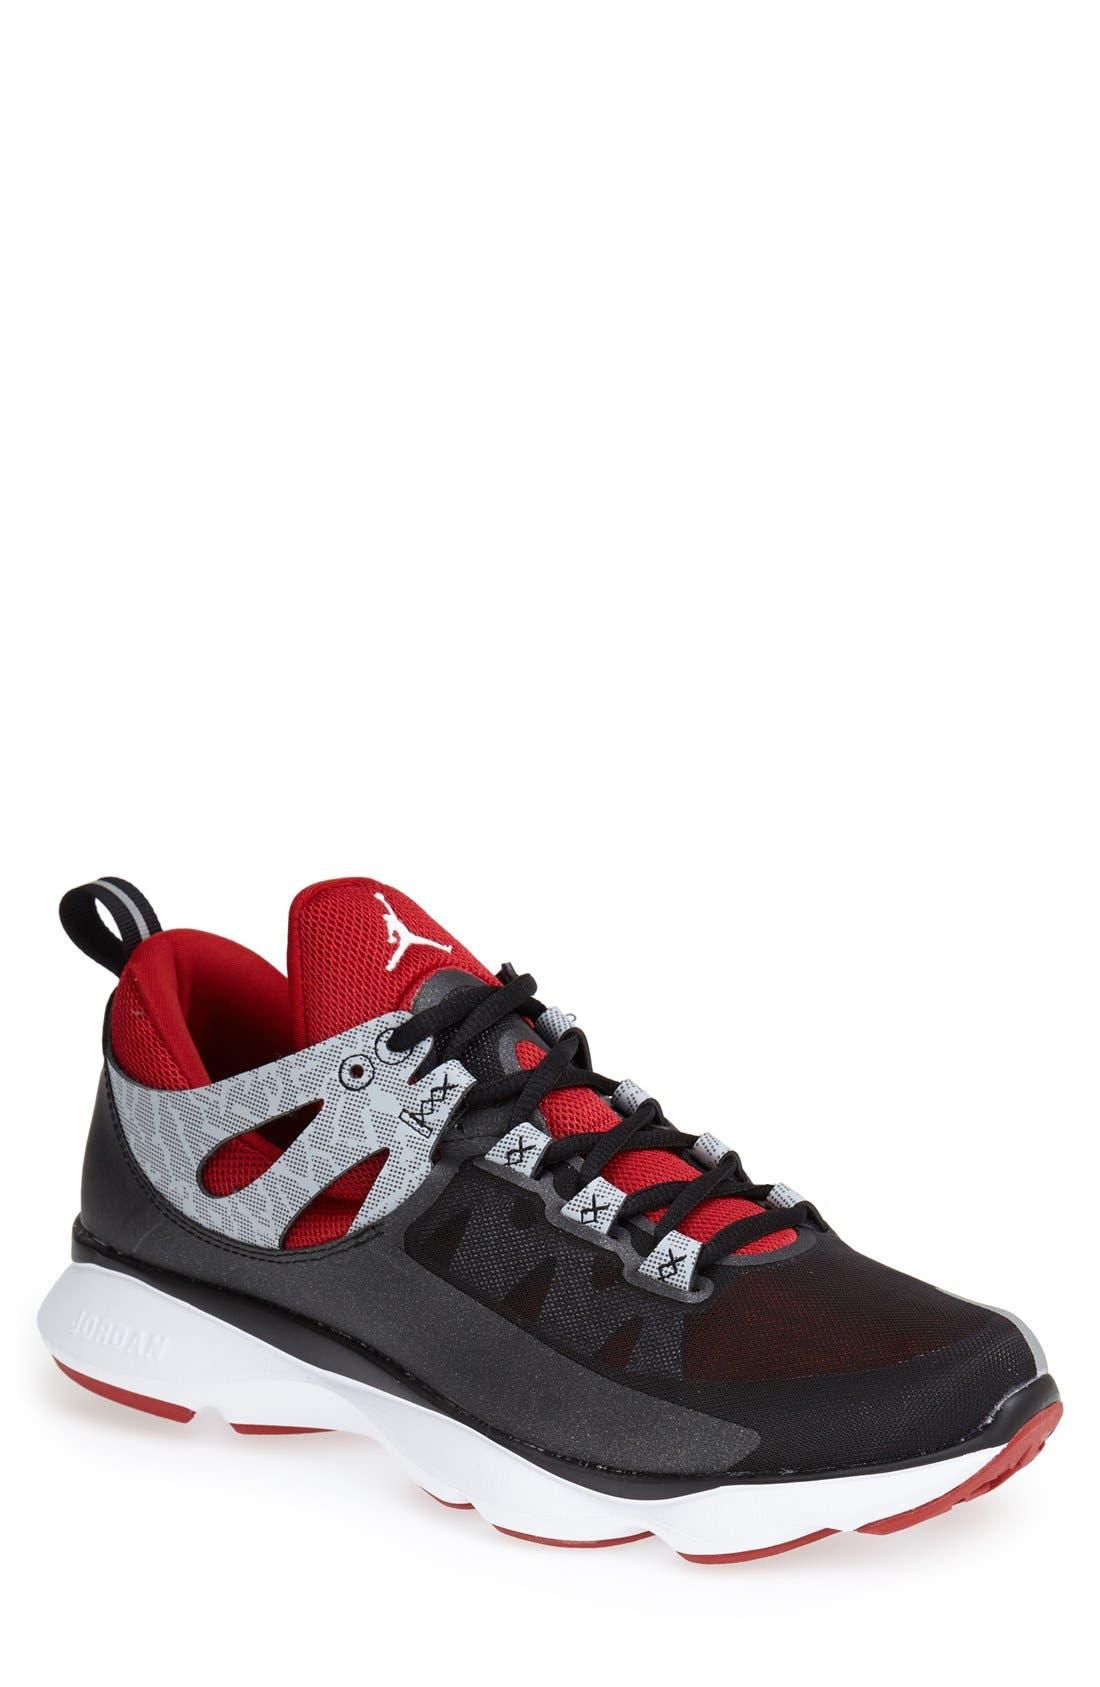 Alternate Image 1 Selected - Nike 'Jordan Flight Runner' Training Shoe (Men)